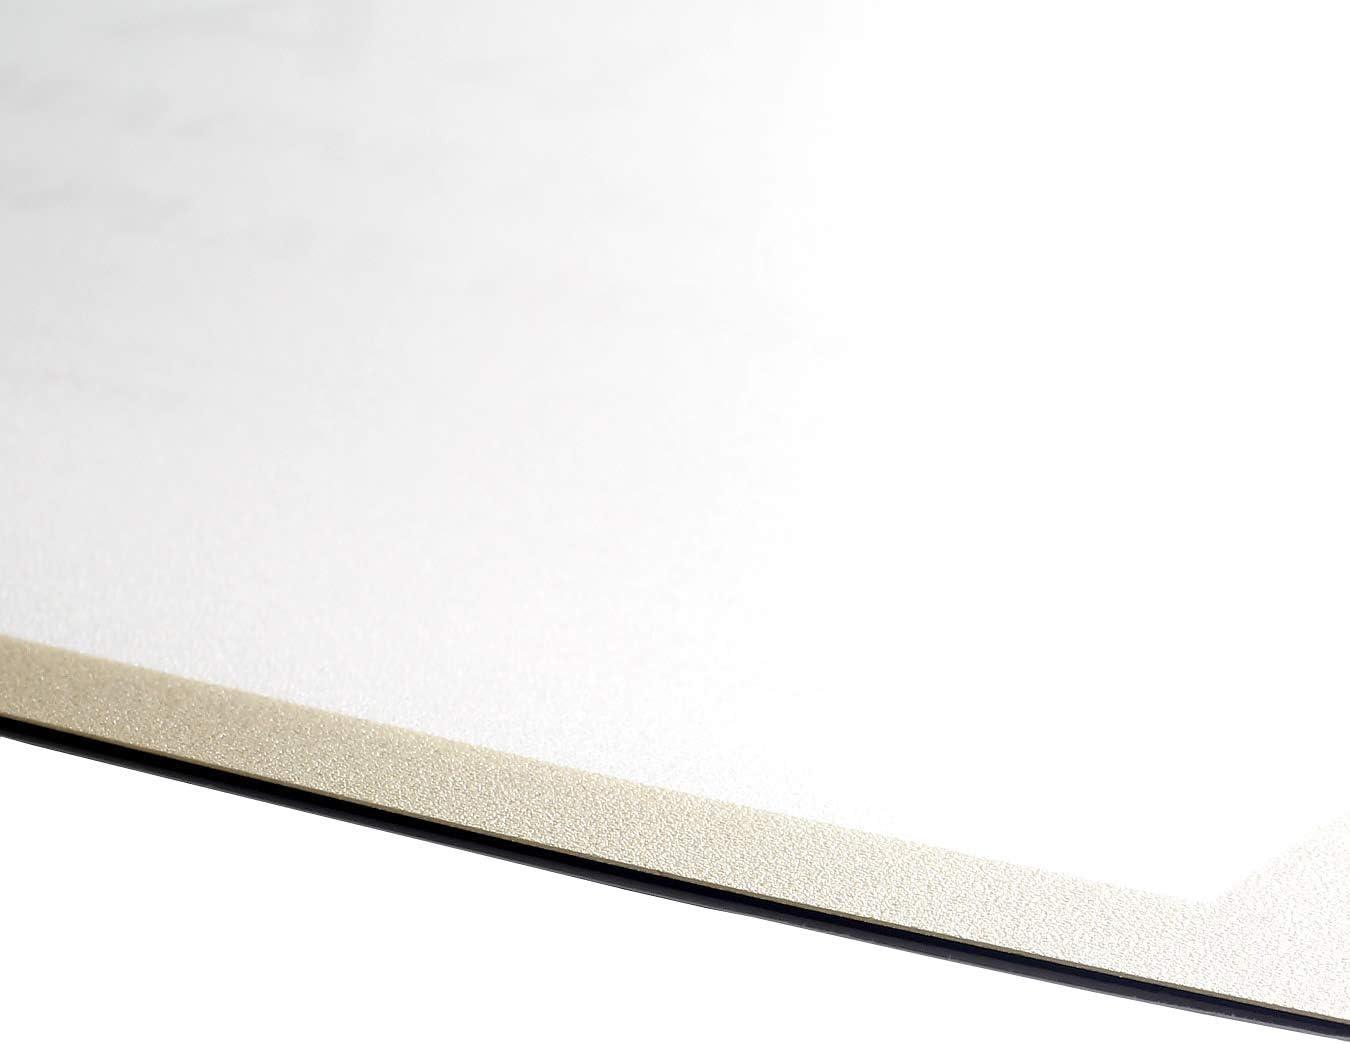 TUKA-i-AKUT 5x A4 Cadre daffichage Magn/étique Pochette Cadre dinfArgentmation Fermeture Magn/étique Sachet de 5 Couleur Argent TKD8400-A4-5x Murs et Fen/êtres Adh/ésif pour Signe Enseignes